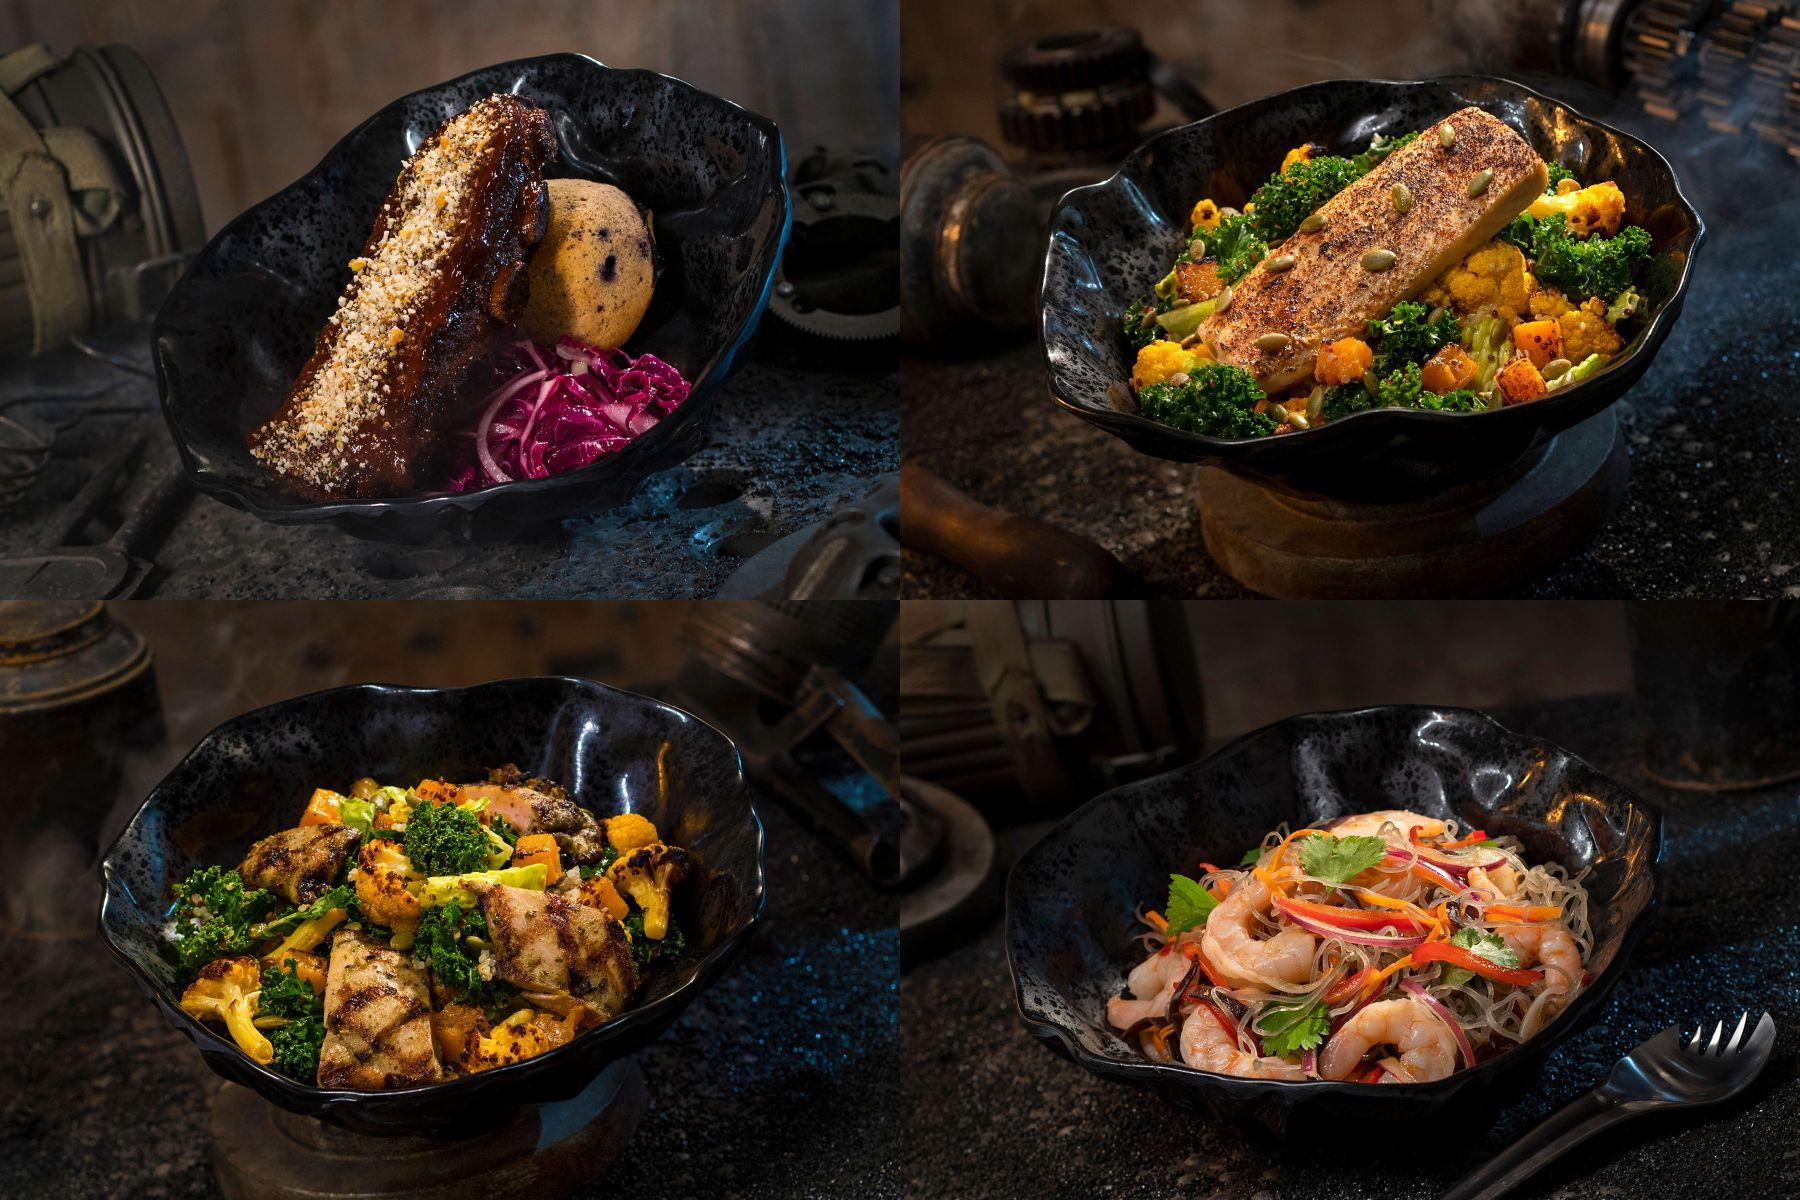 Füstölt kaadu borda és sütőben sült burra hal (fent), roston sült tip-yip és nabooi yobshrimp tésztasaláta (lent)